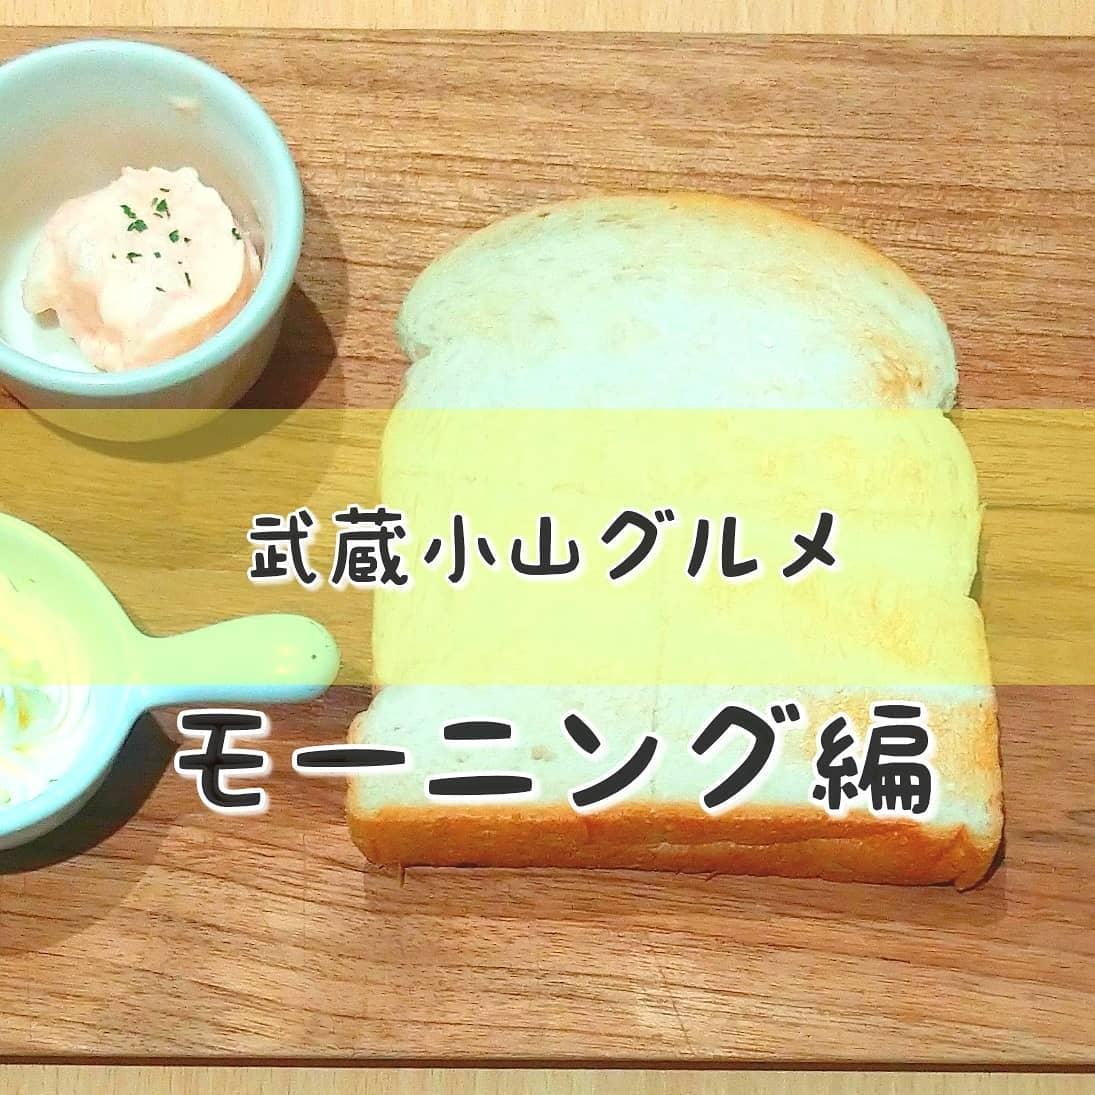 #武蔵小山グルメ情報 #茶寮ベーカリー #モーニングセット 明太子ポテサラを具にモチサクパンなんて美味いに決まってる!!なんかプラス100円でトースト食べほ!おもいで度--☆-- #侍猫度マイルド系--☆--スパイシー系あっさり系--☆--コッテリ系シンプル系--☆--ゴロゴロ系オールド系--☆--ニュー系流行りのもっちりサクサクパンに特製の明太子ポテサラとバター的なのがついてるモーニングセットだね。サクモチ食感に焼き上がったトーストにヒンヤリ明太子ポテサラが美味い!こんなこだわりトーストがプラス100円で食べ放題になるんだから朝からやっちまう可能性あり。セットのドリンクは都の雪にしてみた。いろんな種類の日本茶選べるからそこも面白いね!ここもなかなか、お洒落なたたずまいだしお洒落ユーザーが沢山いて入りにくいお店ですがね、お食事所は二階で和モダンなゆったりスペースだからお洒落度が低い自分でもゆっくりできましたね。お姉さんも綺麗だからそりゃあ素敵な空間ですよね。場所は、駅から中原街道方面に進んでケンタッキー過ぎたあたりだね。アーケード真ん中よりちょい進んだところ。武蔵小山グルメ情報まとめブログ〜本店〜→https://musashikoyama.samuraicat.jp/※本店だと地図見やすくなっとります。#武蔵小山 #武蔵小山情報 #武蔵小山ランチ #ランチ #グルメ #武蔵小山商店街 #武蔵小山パルム #武蔵小山商店街パルム #武蔵小山駅 #武蔵小山グルメ #武蔵小山ランチ #武蔵小山ディナー #武蔵小山食事 #武蔵小山モーニング #東京 #東京グルメ #東京 #東京グルメ  #musashikoyama #tokyofood #tokyo #茶寮ベーカリー #日本茶 #緑茶 #モーニング